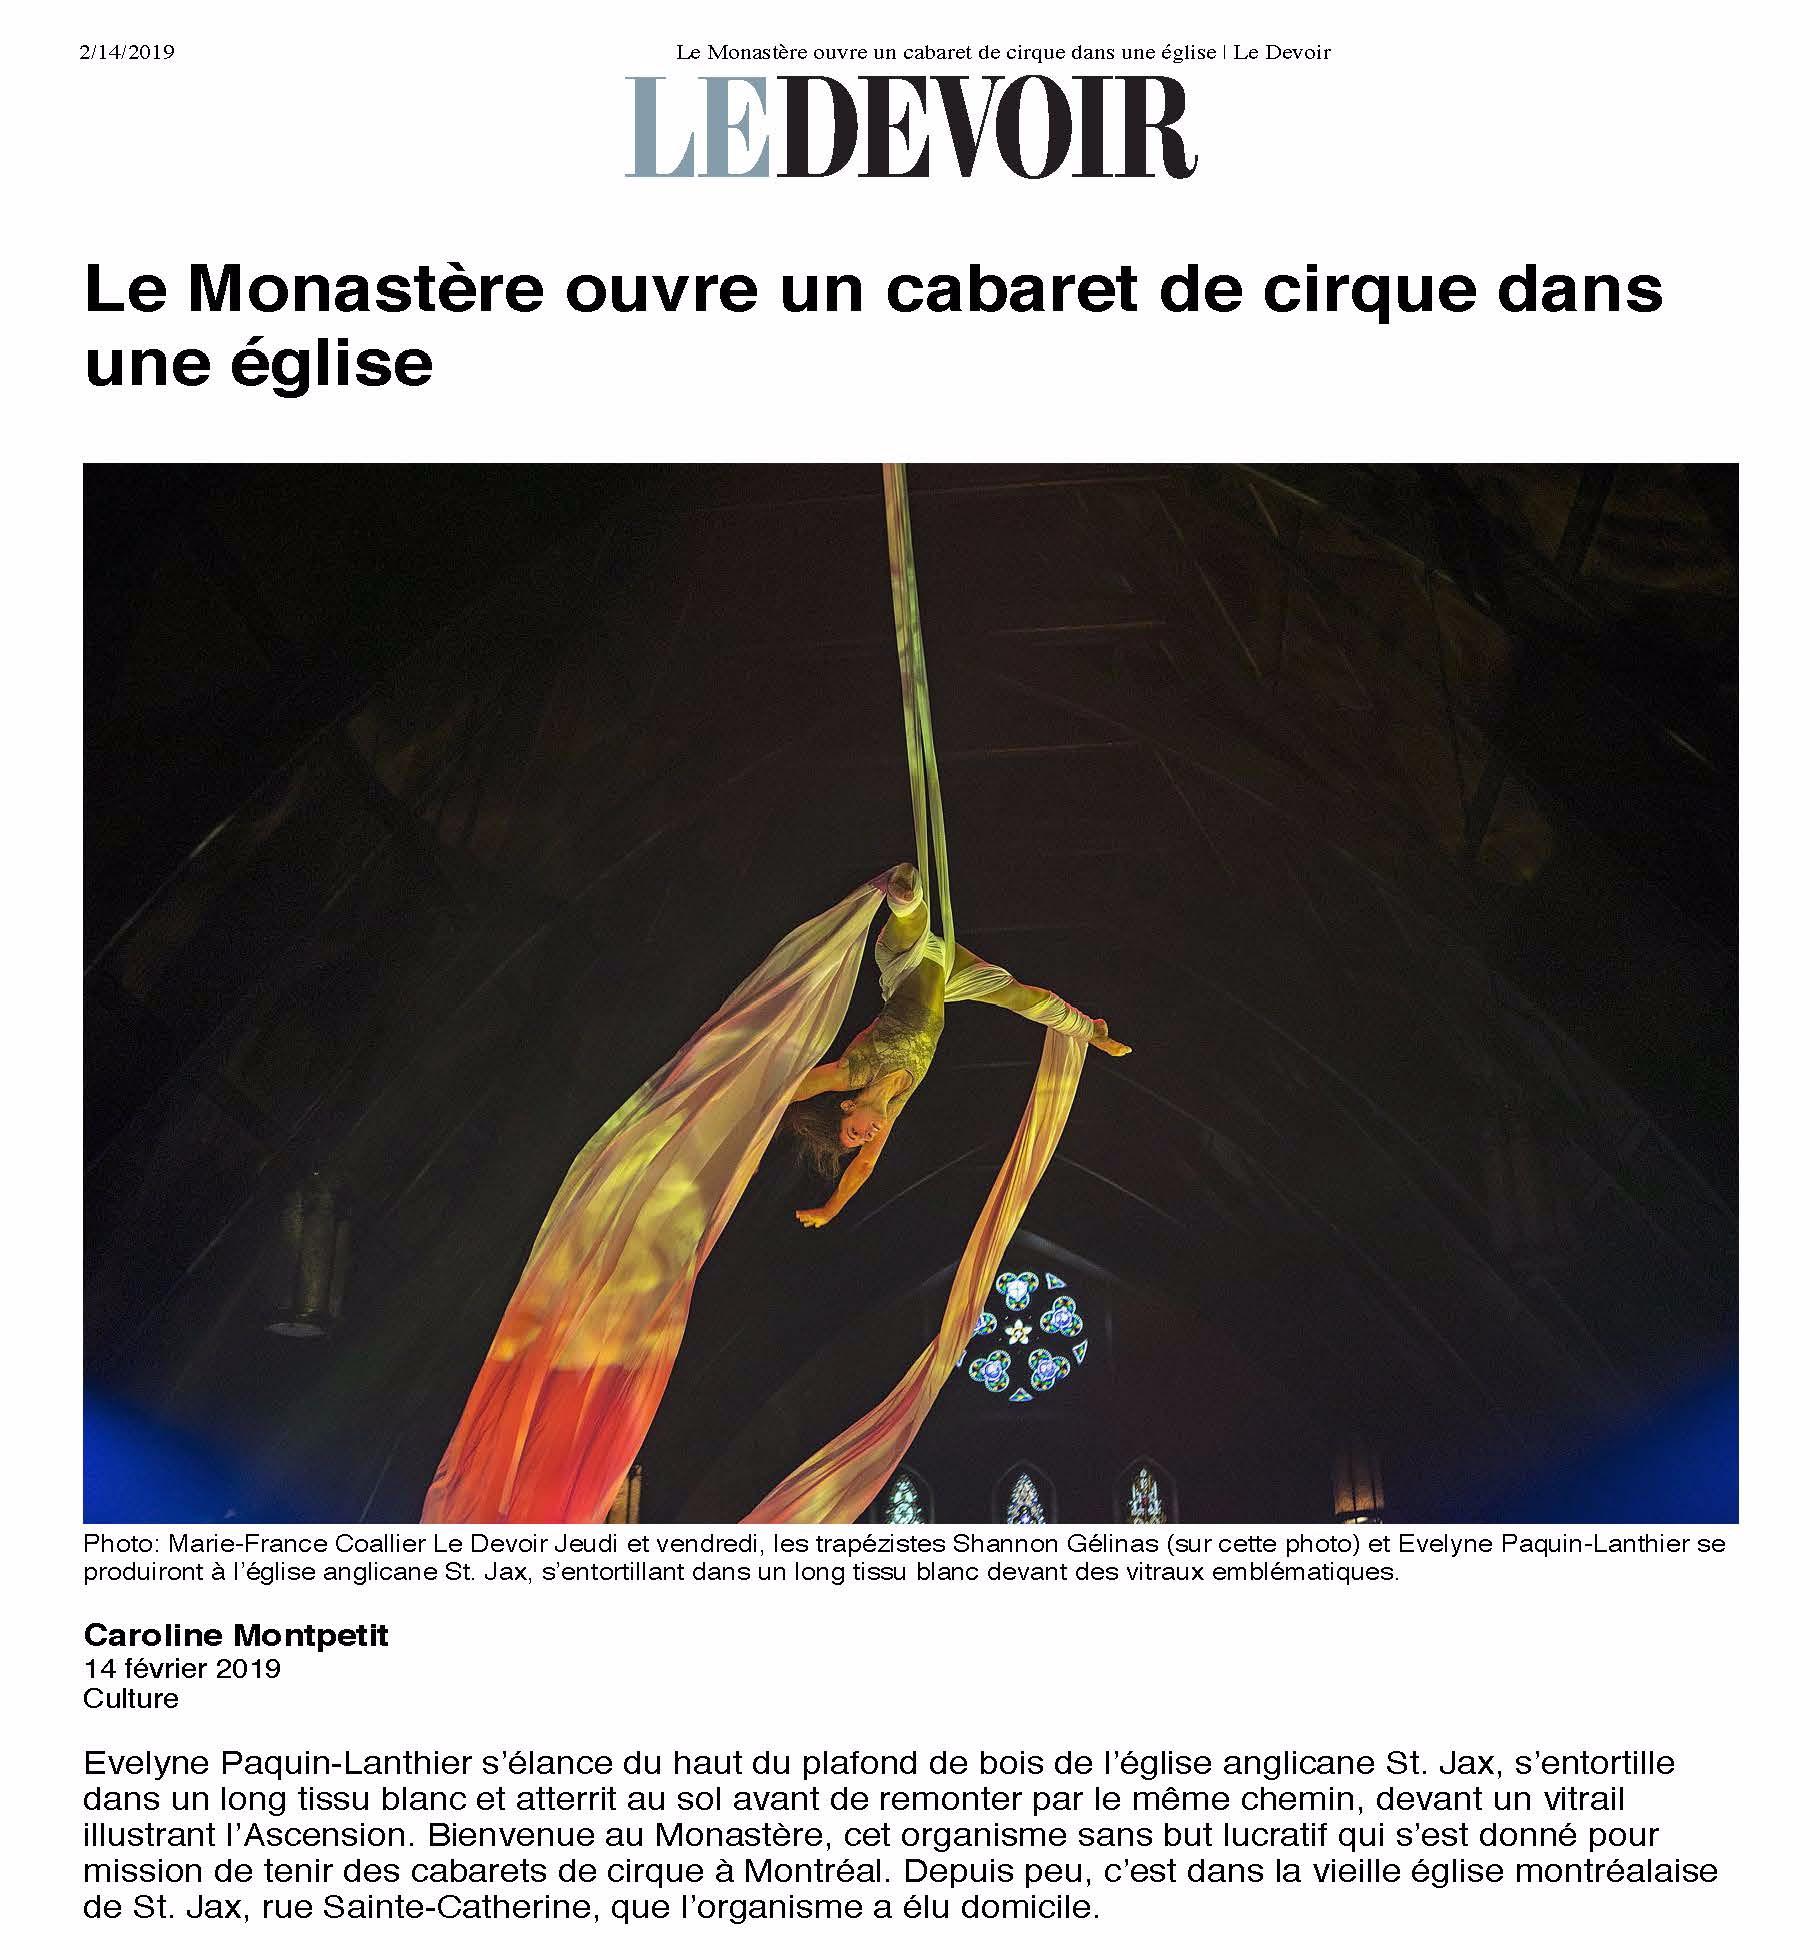 Le+Monast%C3%A8re+ouvre+un+cabaret+de+cirque+dans+une+%C3%A9glise+_+Le+Devoir--2019-02-14_Page_1.jpg